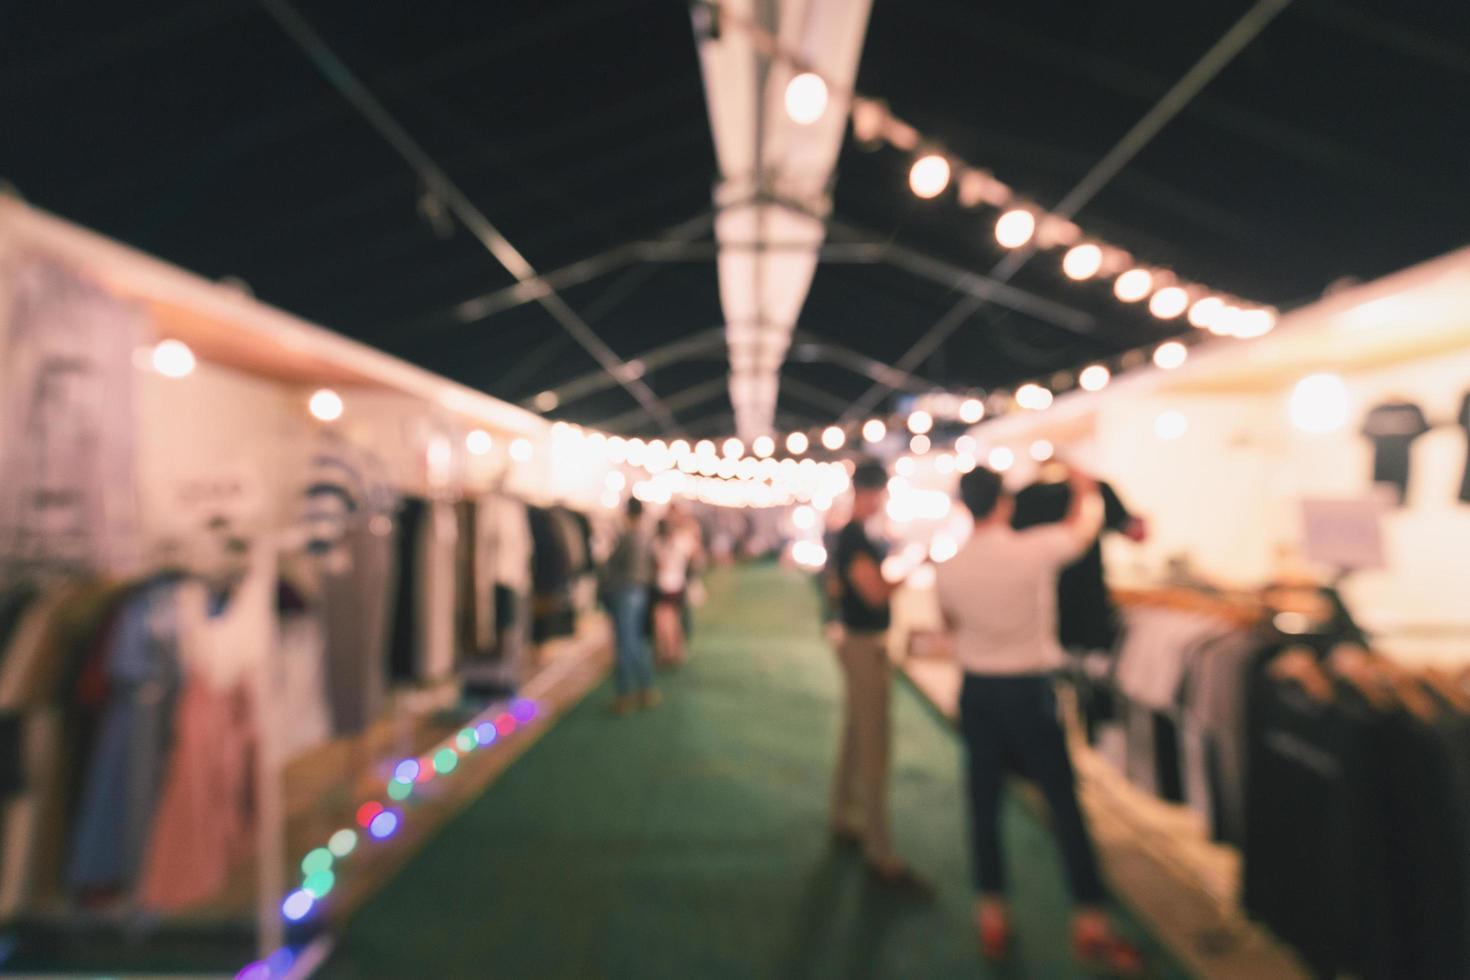 marché de rue de nuit photo